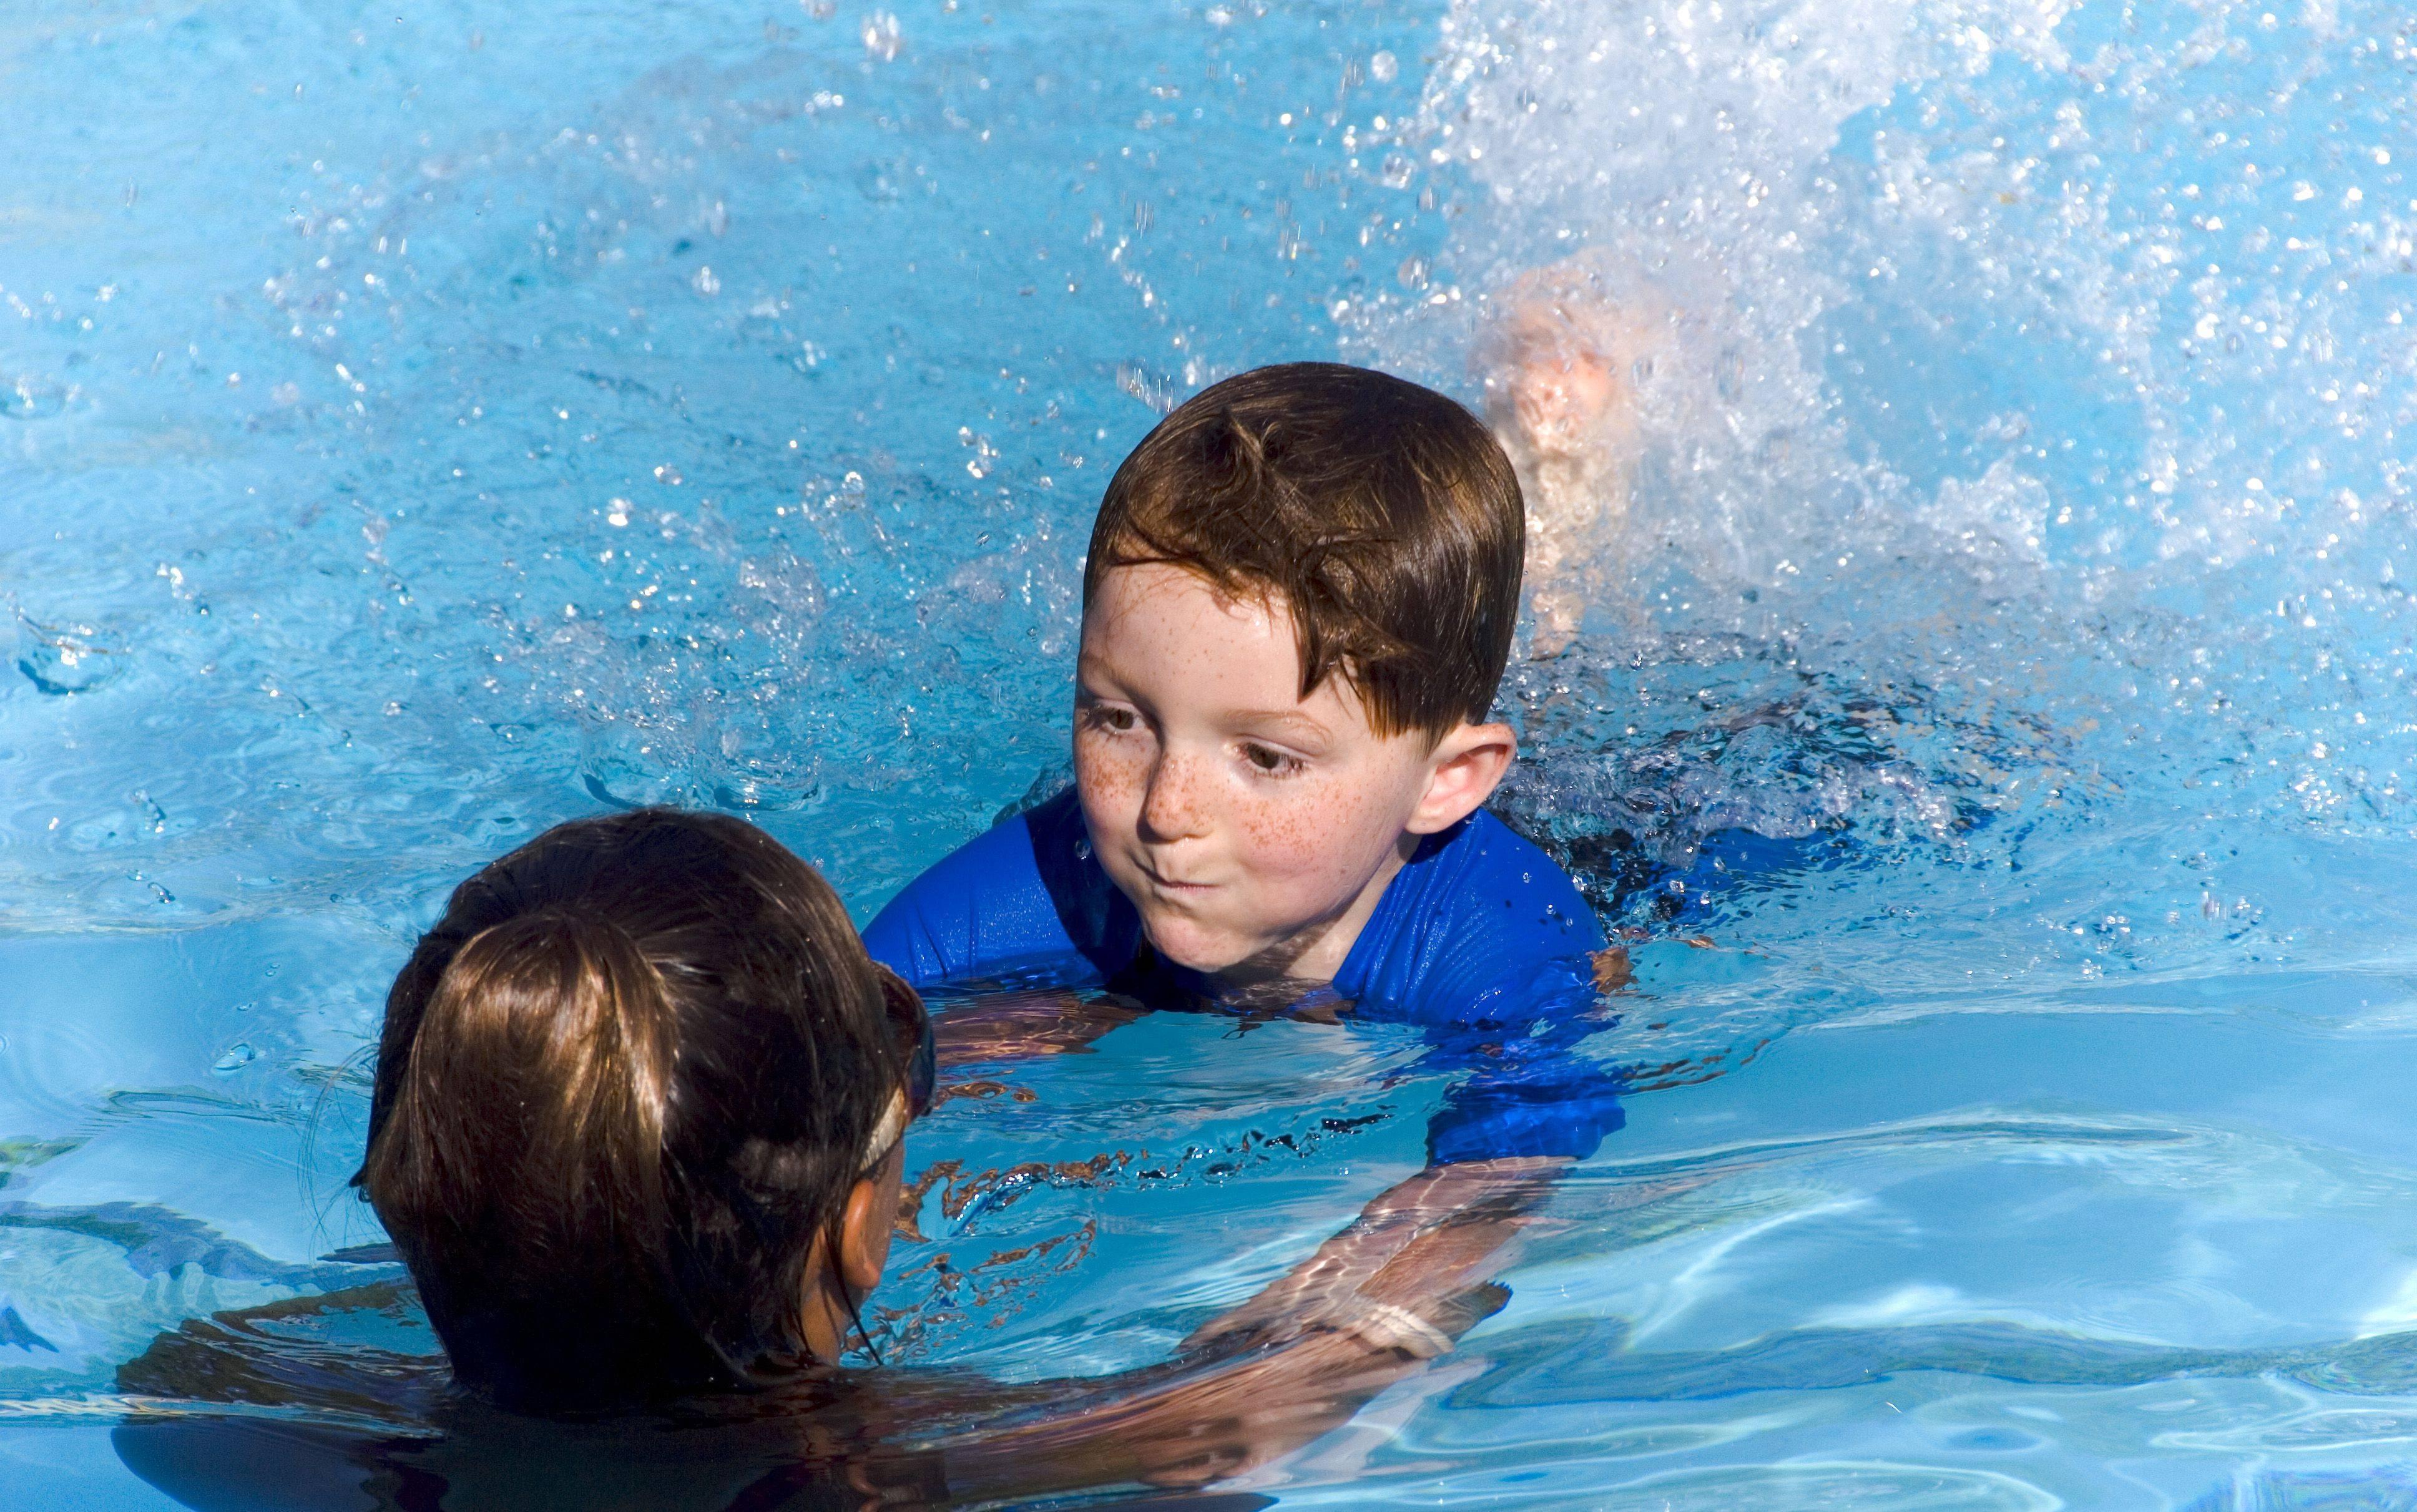 Обучение плаванию детей в минске - школа детского плавания, занятия в бассейне для детей: секции, кружки